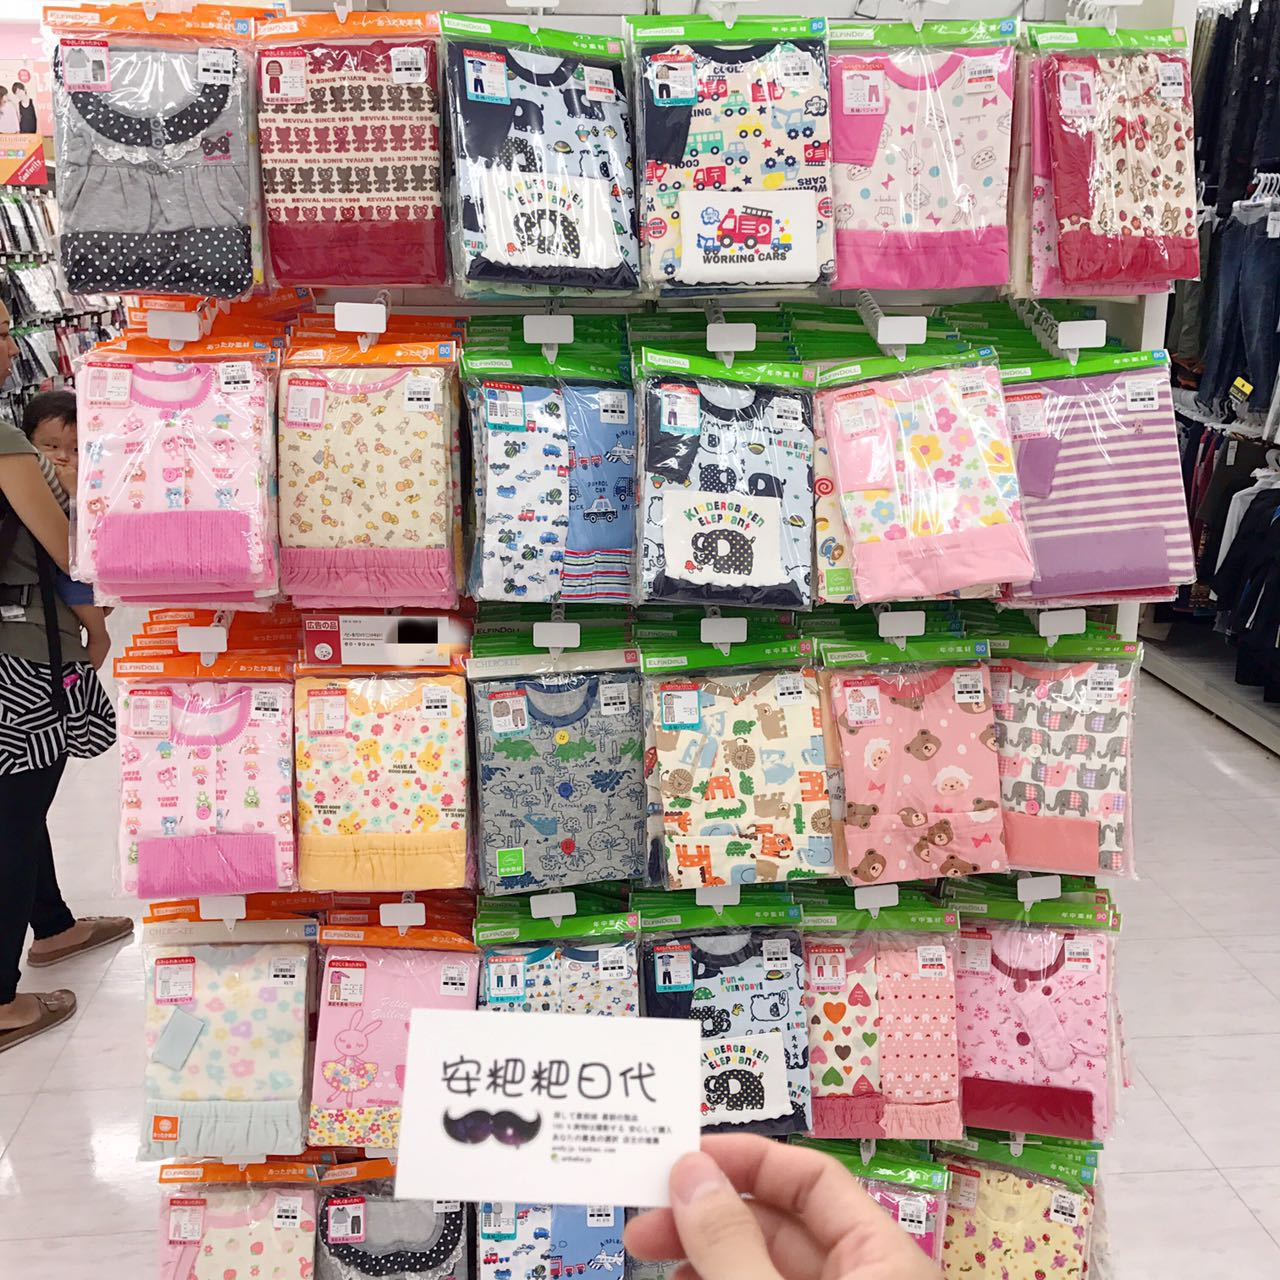 Сейчас в надичии япония западный свободный дом младенец младенец мультики талия живот объем живот домой одежда пижама разнообразие